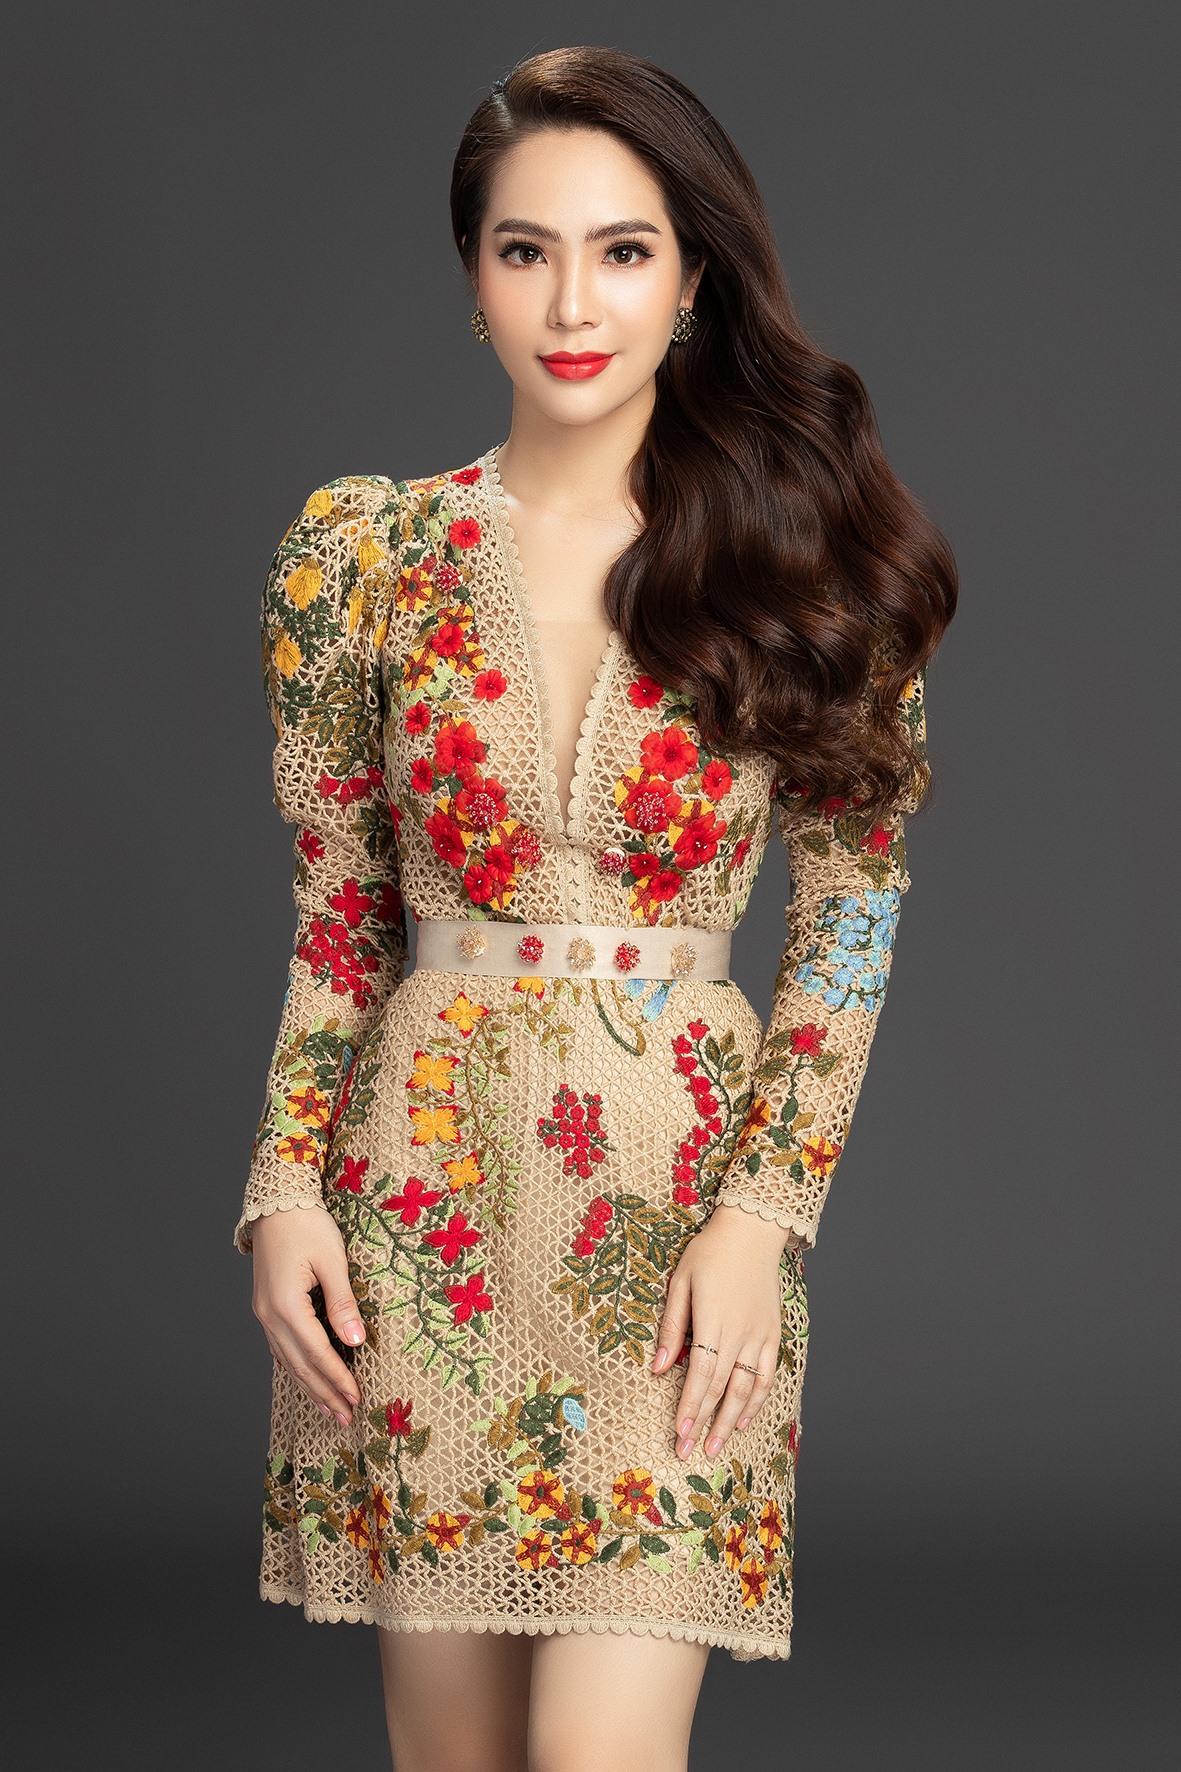 Dương Kim Ánh còn khéo khoe nhan sắc mong manh với mẫu váy được cắt may công phu từ nhiều lớp vải xuyên thấu với sự điểm nhấn là lớp lông vũ được đính kết từ dọc phần thân váy tôn nét yêu kiều cho mỹ nhân miền Tây.